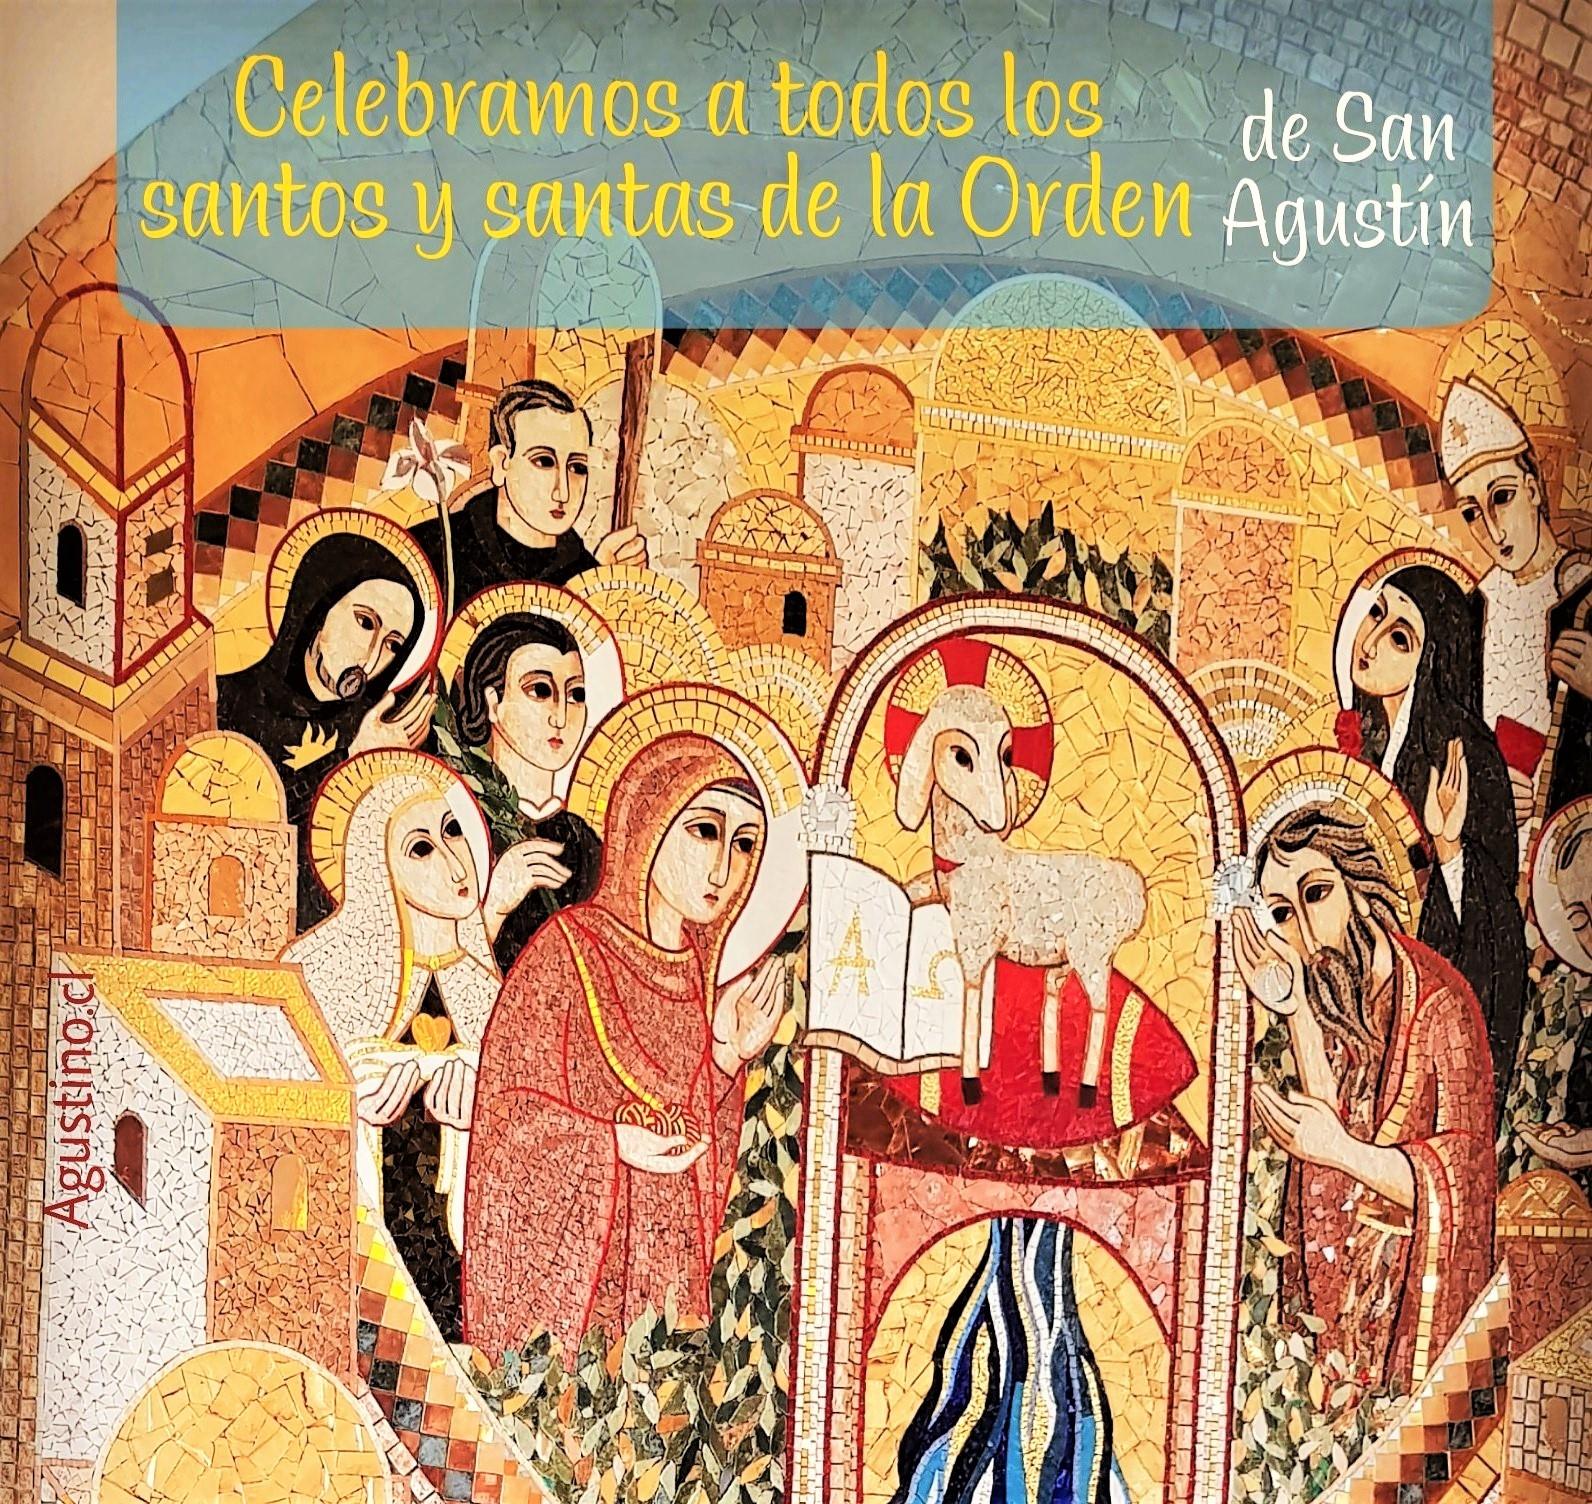 Los Agustinos de todo el mundo celebrarán el 13 de noviembre el aniversario del nacimiento de San Agustín, fundador de la Orden.